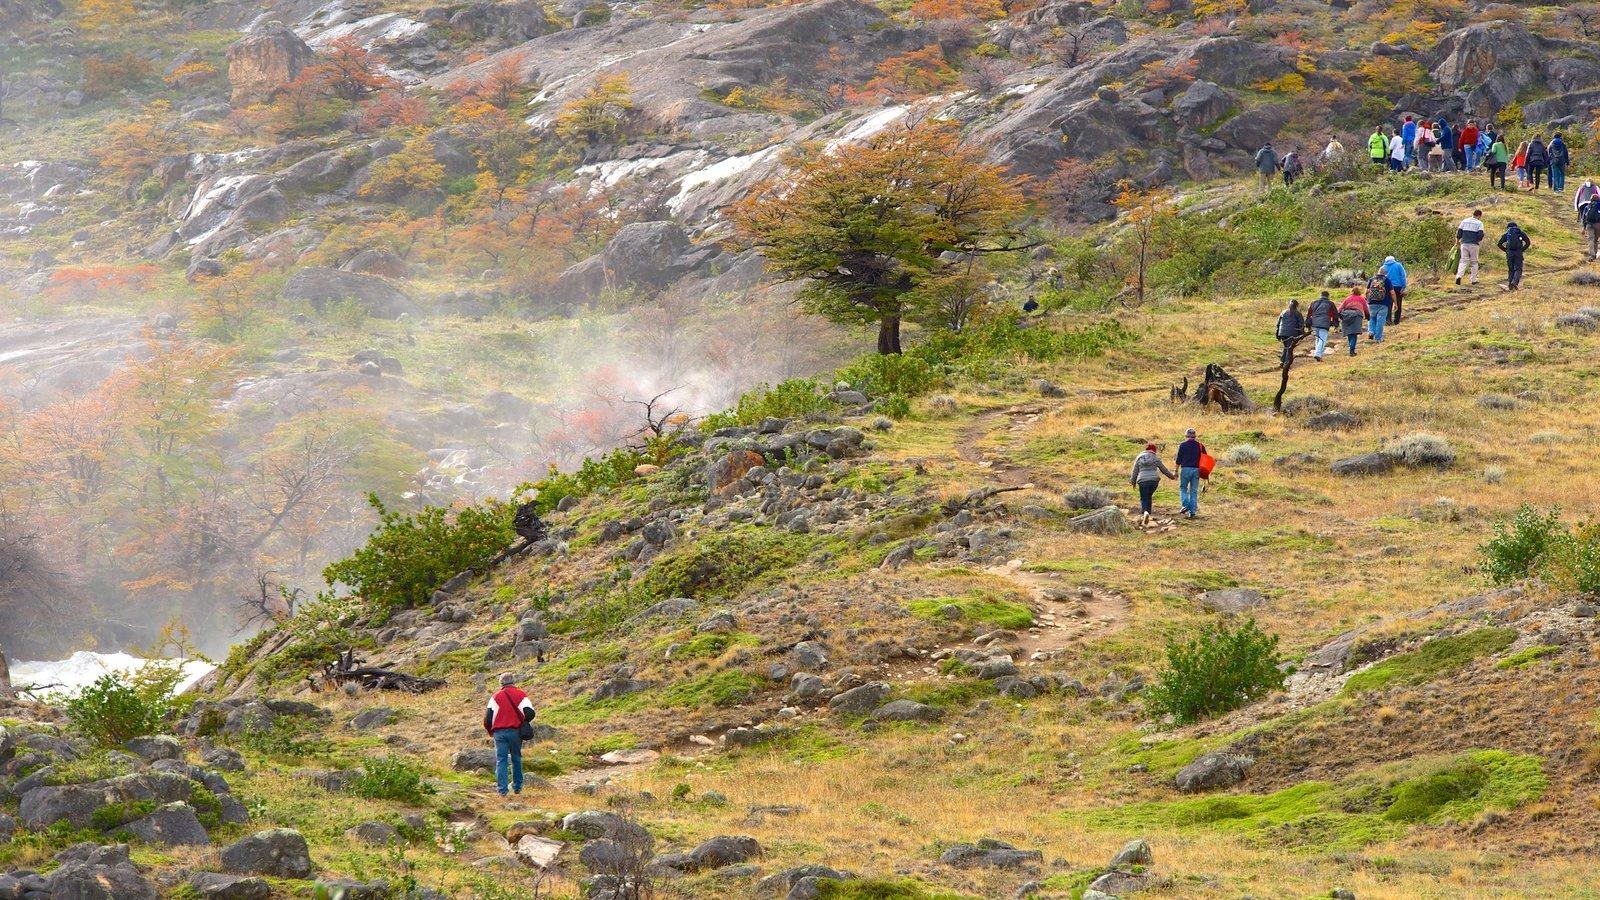 El Calafate mostrando cenas tranquilas e escalada ou caminhada assim como um grande grupo de pessoas